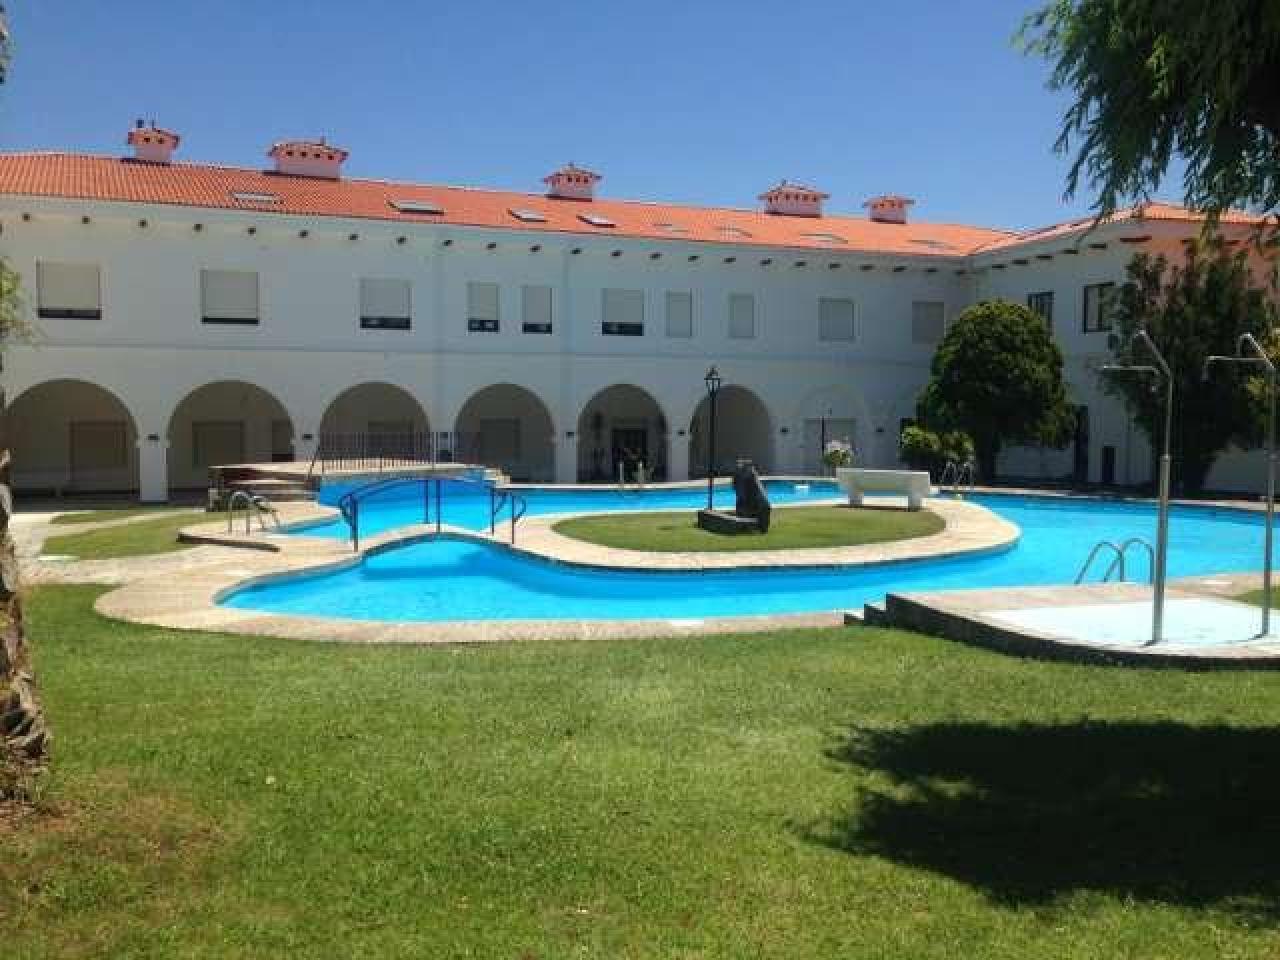 Casas vacacionales La Guardia, Pontevedra